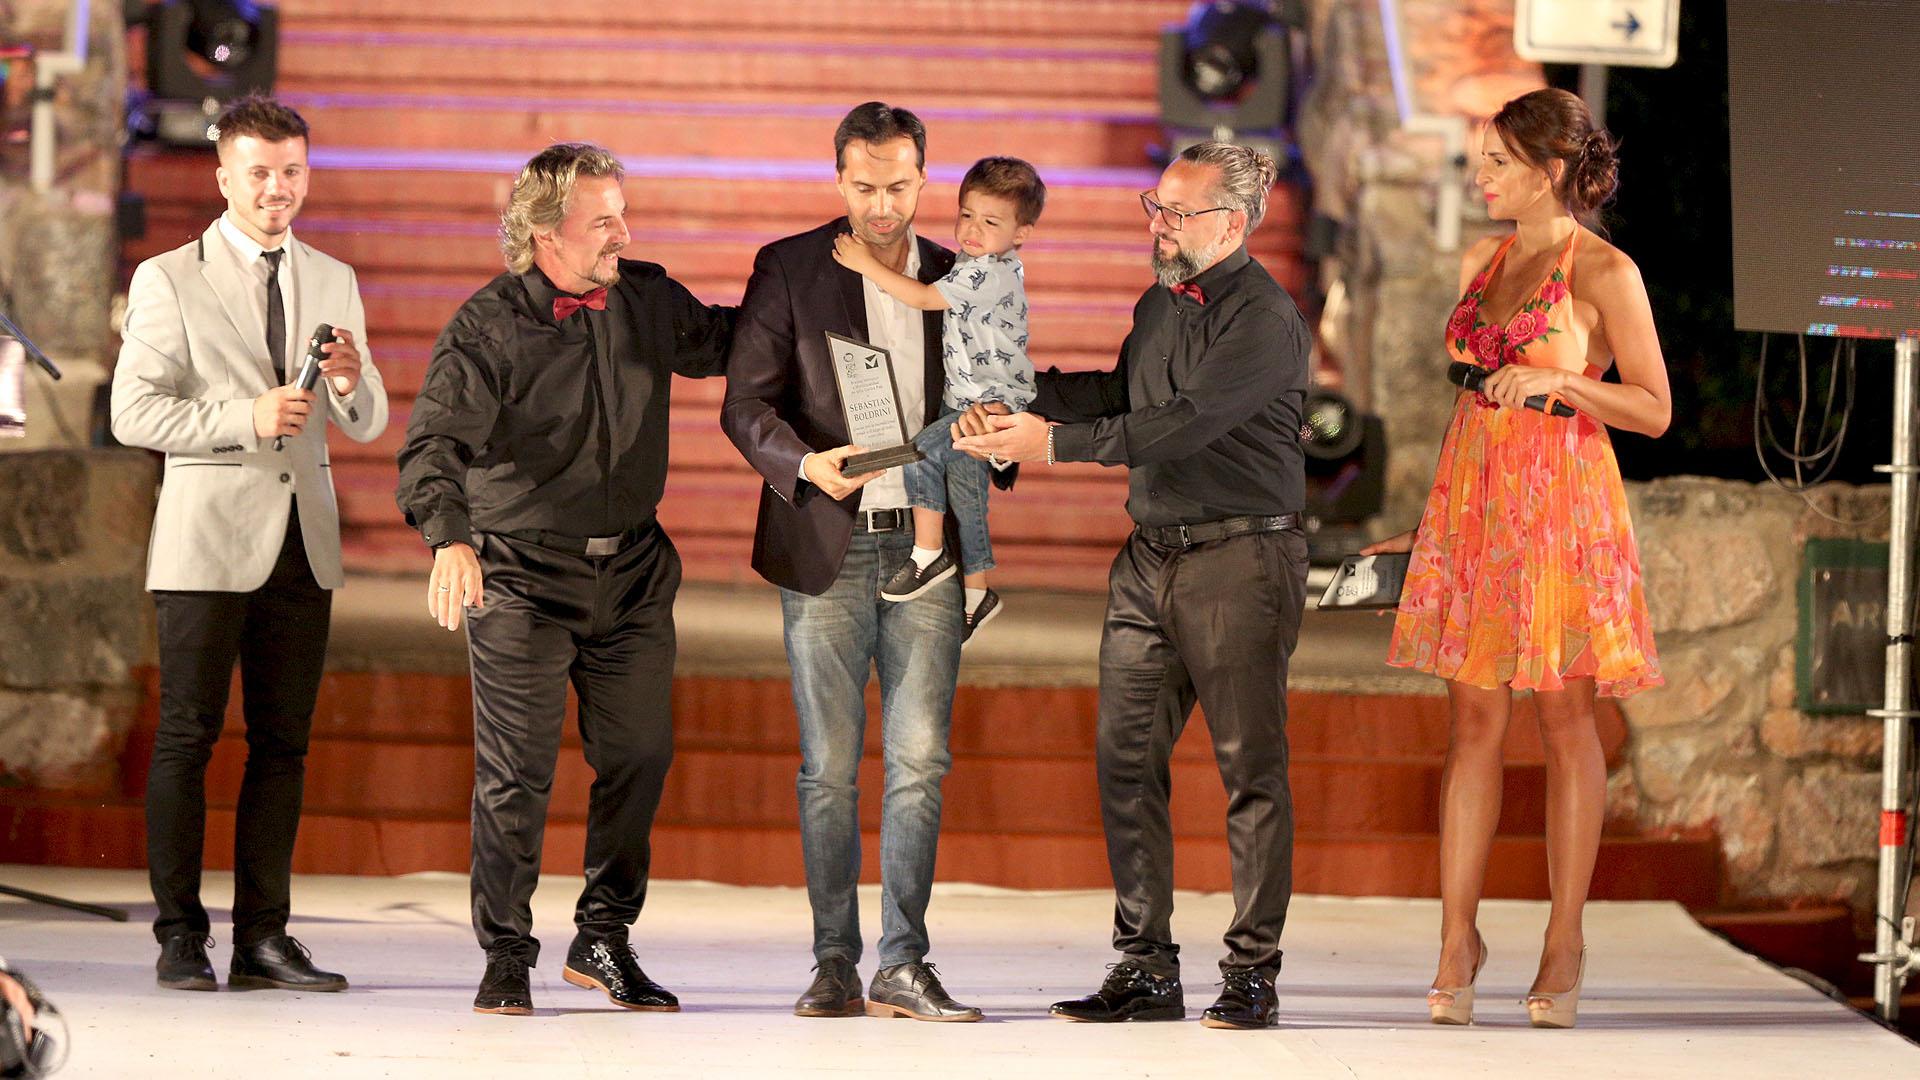 Sebastián Boldrini, el secretario de Turismo y deportes de Villa Carlos Paz, recibió una distinción al finalizar el evento